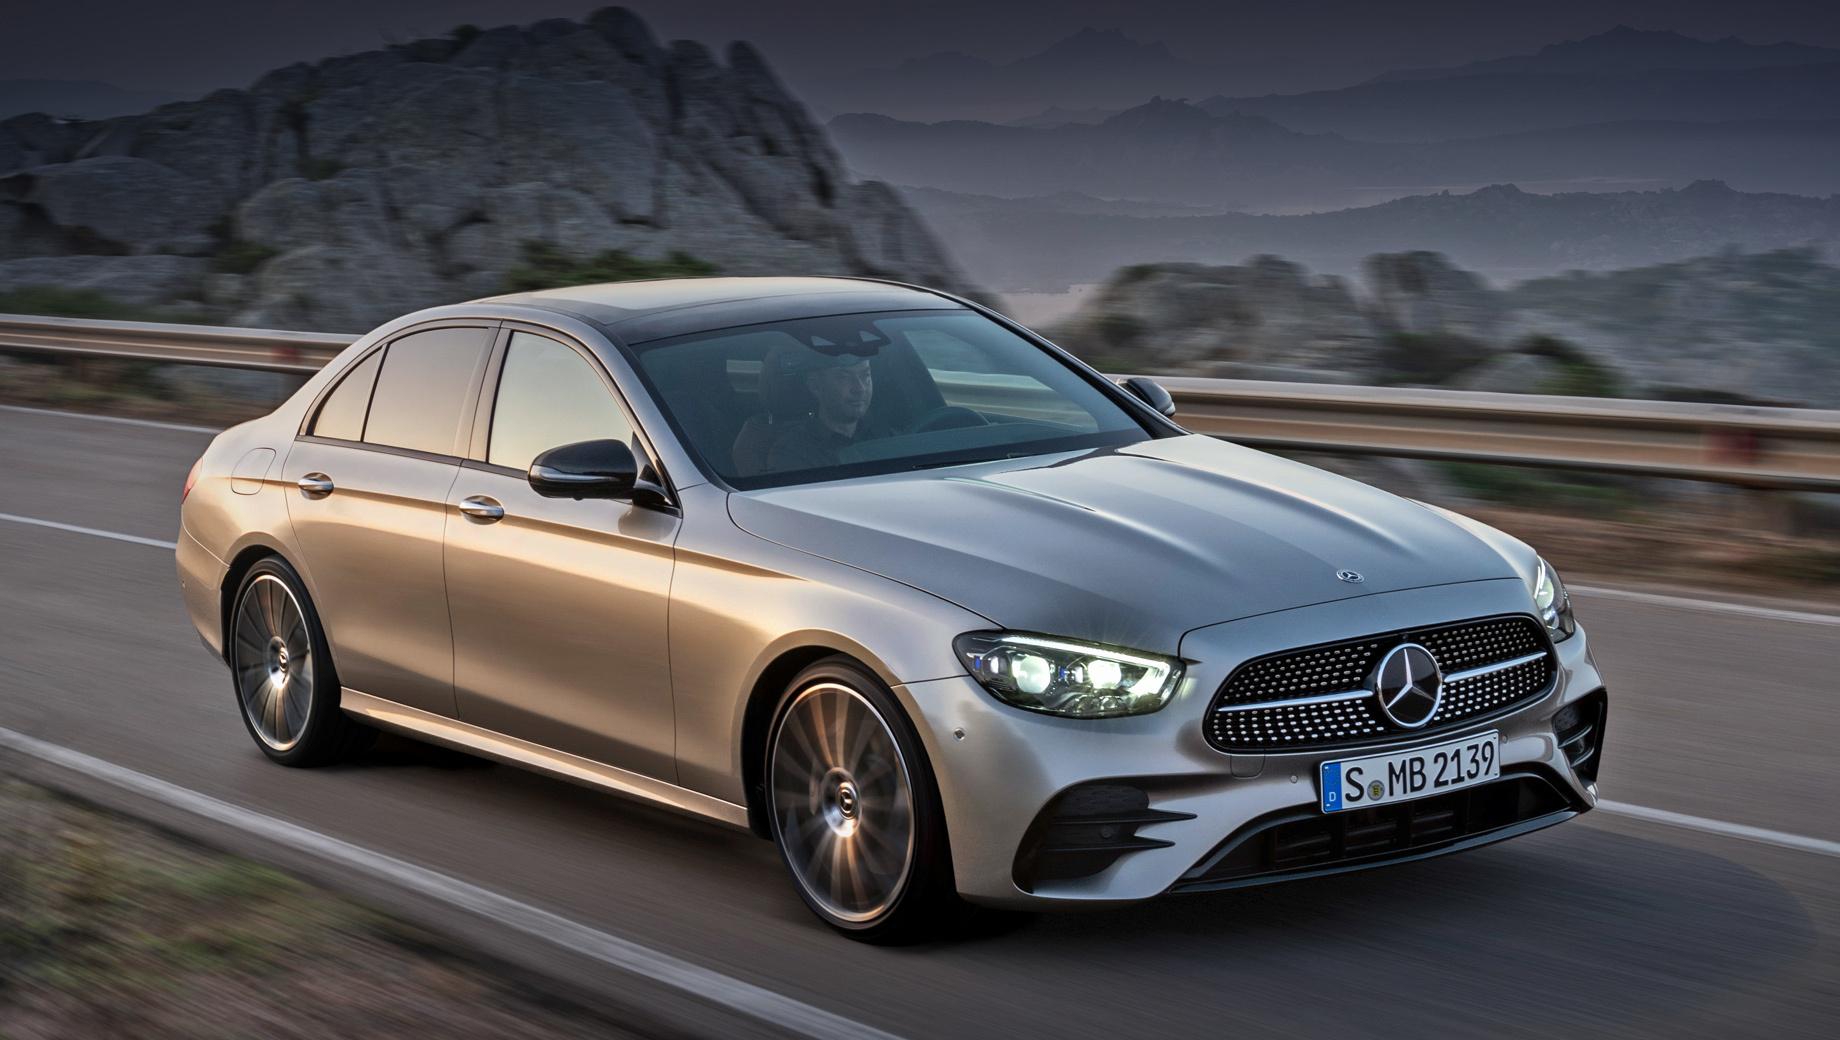 Mercedes e,Mercedes e amg. Автомобиль щеголяет новыми решёткой радиатора, бамперами и фарами. Последние — полностью светодиодные уже «в базе», а за доплату немцы поставят интеллектуальную оптику Multibeam.